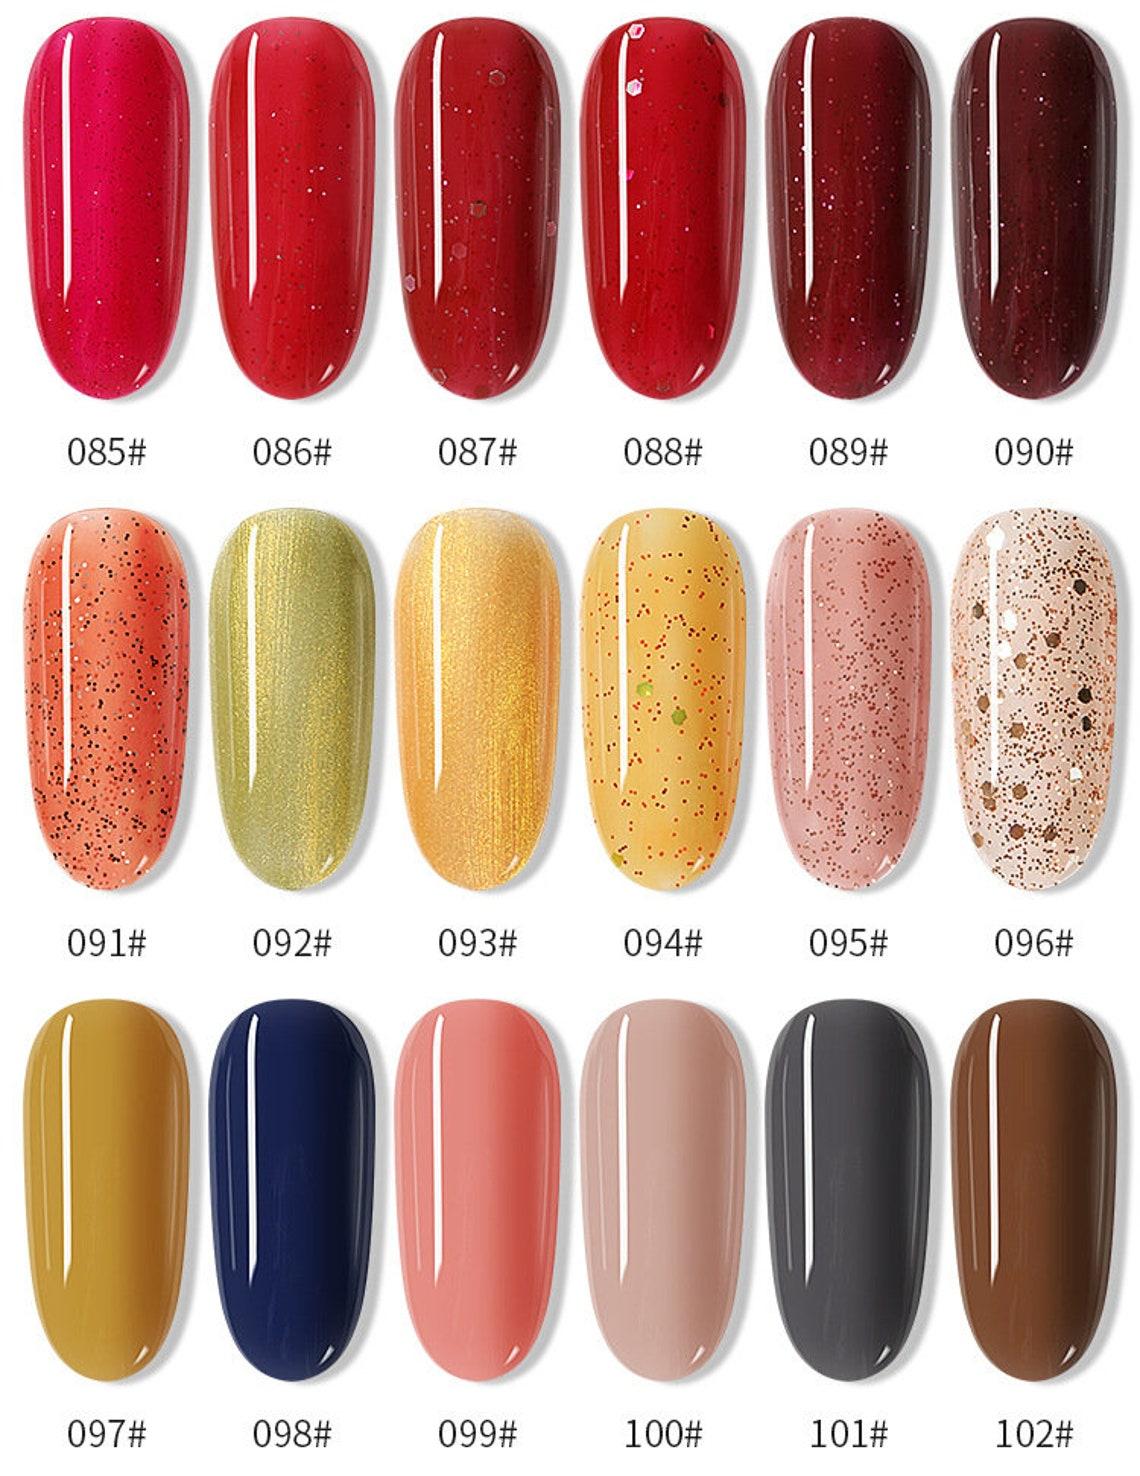 120 colors Nail Stamping Polish 7.5ml Colorful Printing image 6